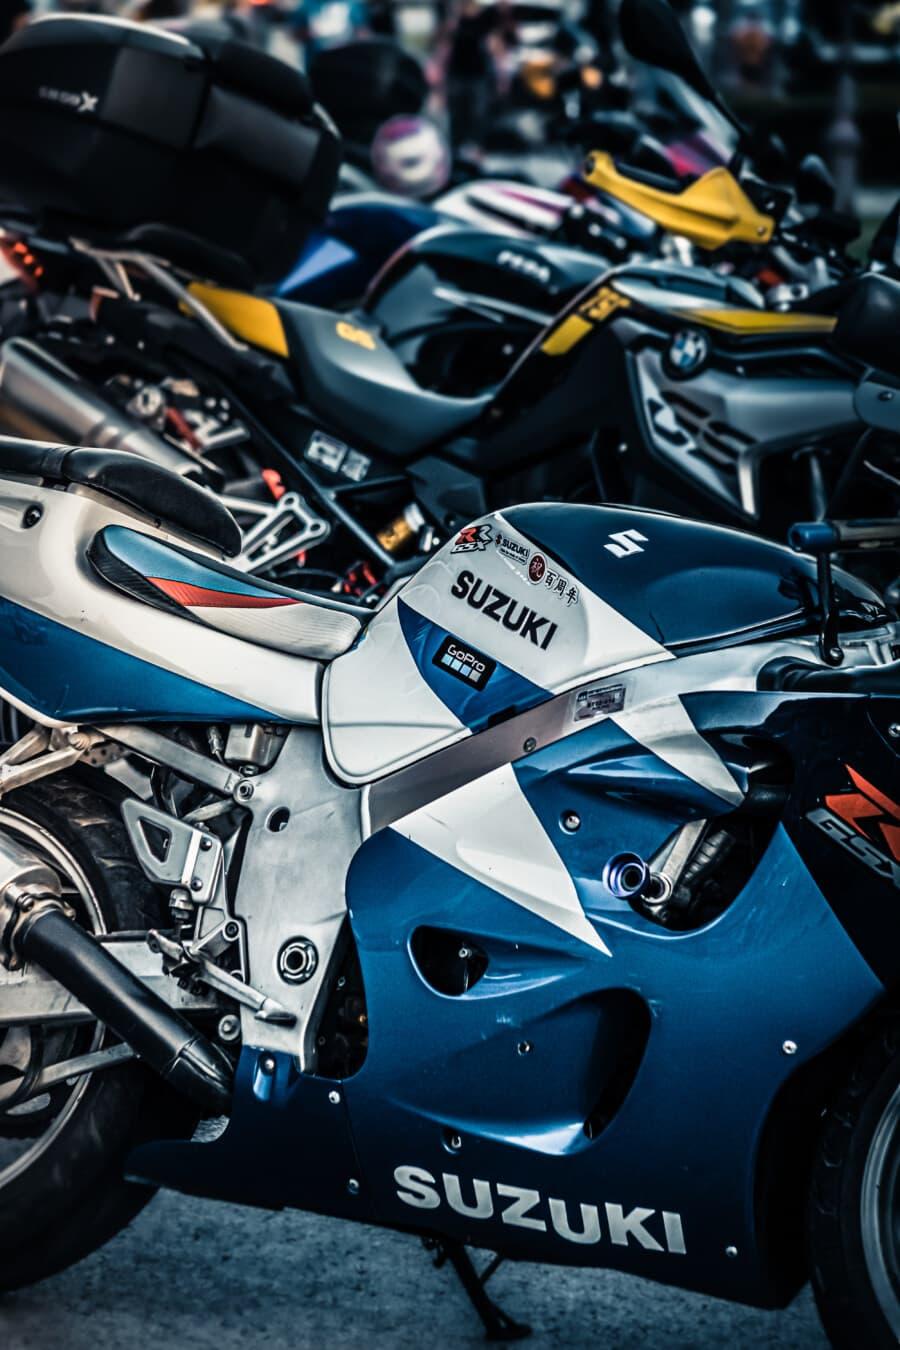 motocicletta, Suzuki, Giappone, moto, motore, veicolo, motore, sedile, veloce, bicromato di potassio